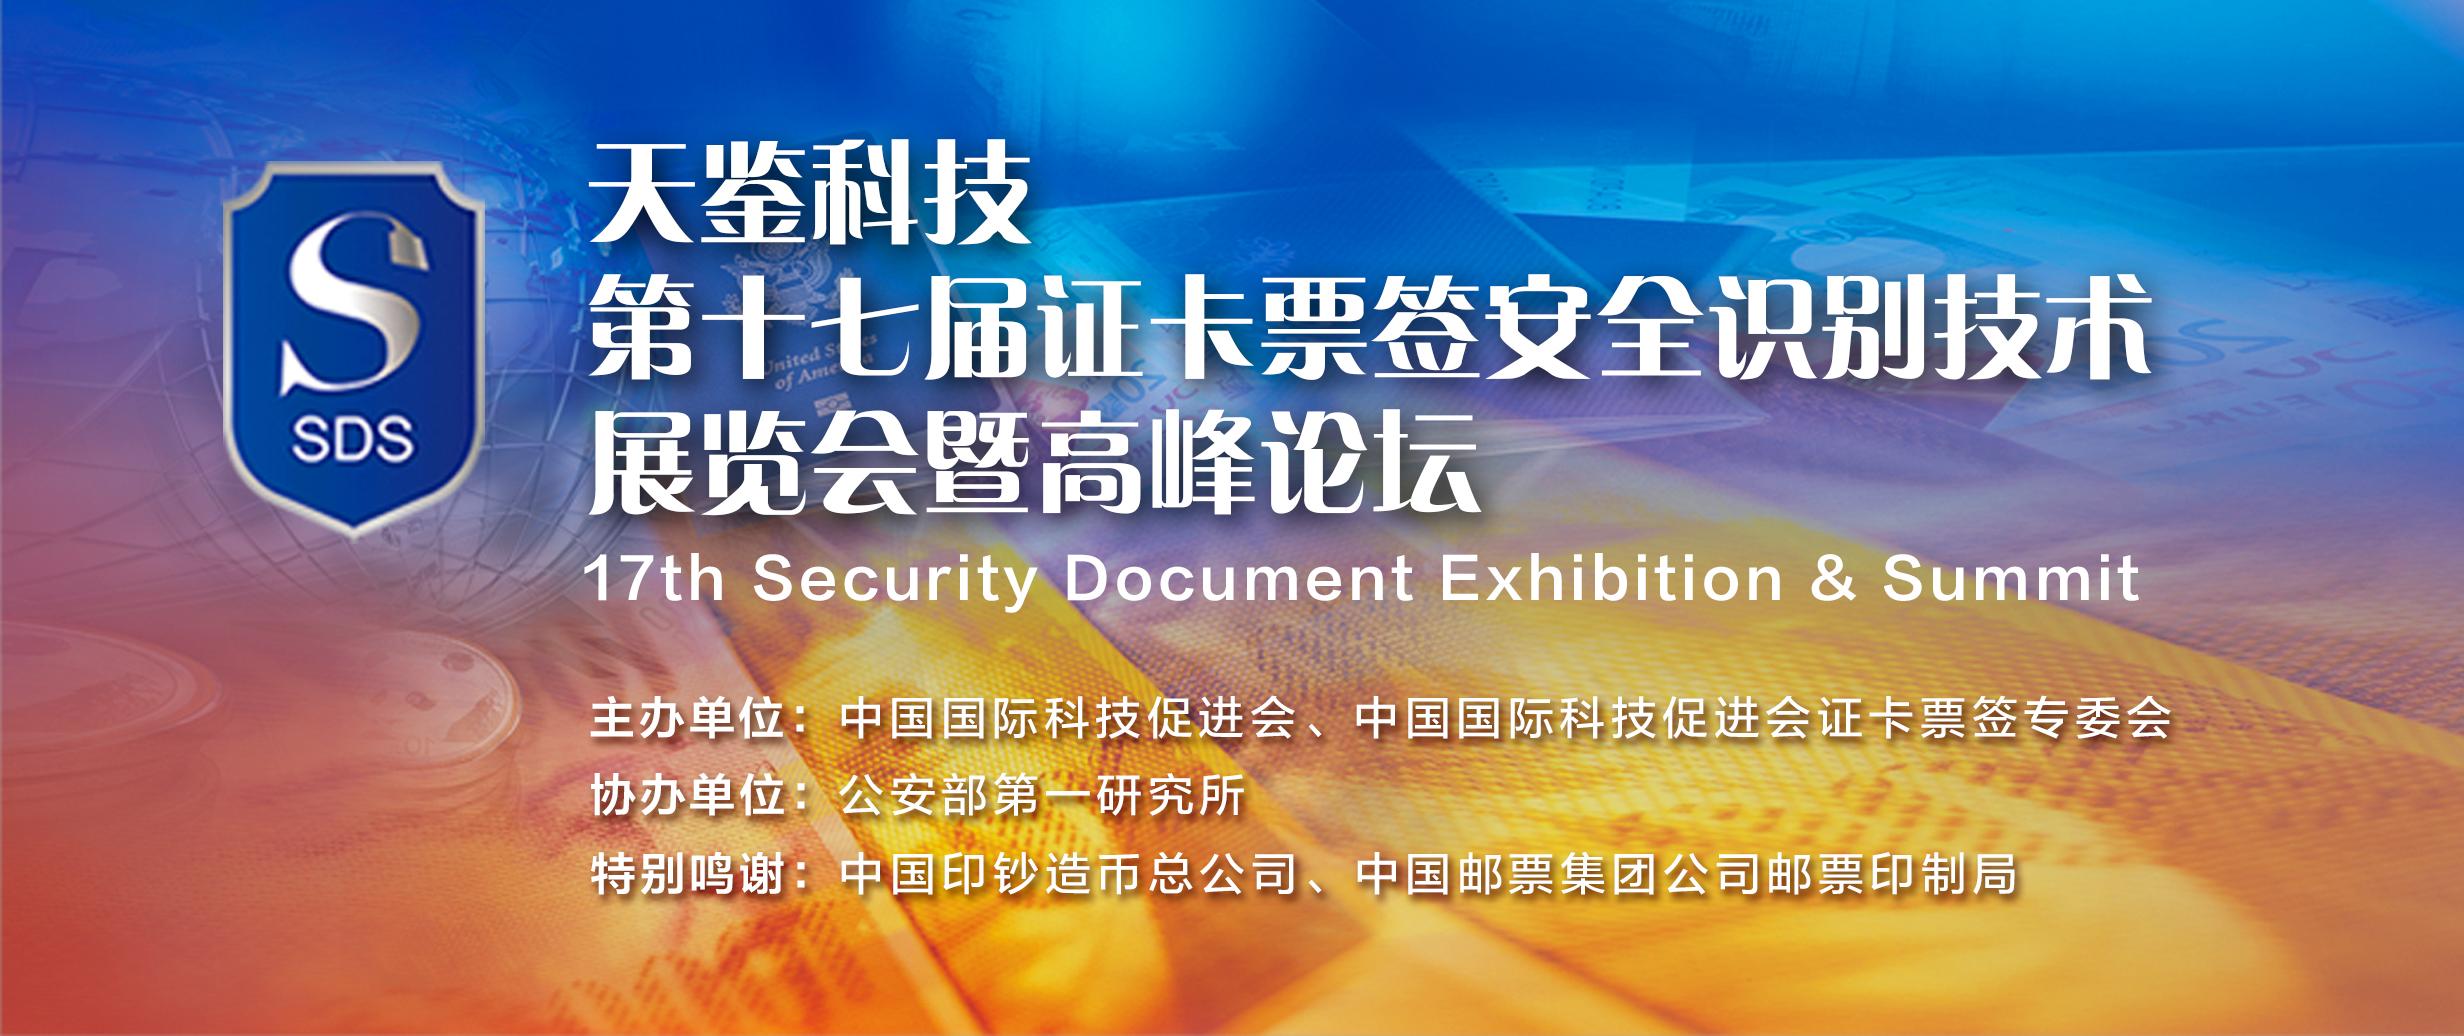 证卡票签安全技术展览会暨高峰论坛